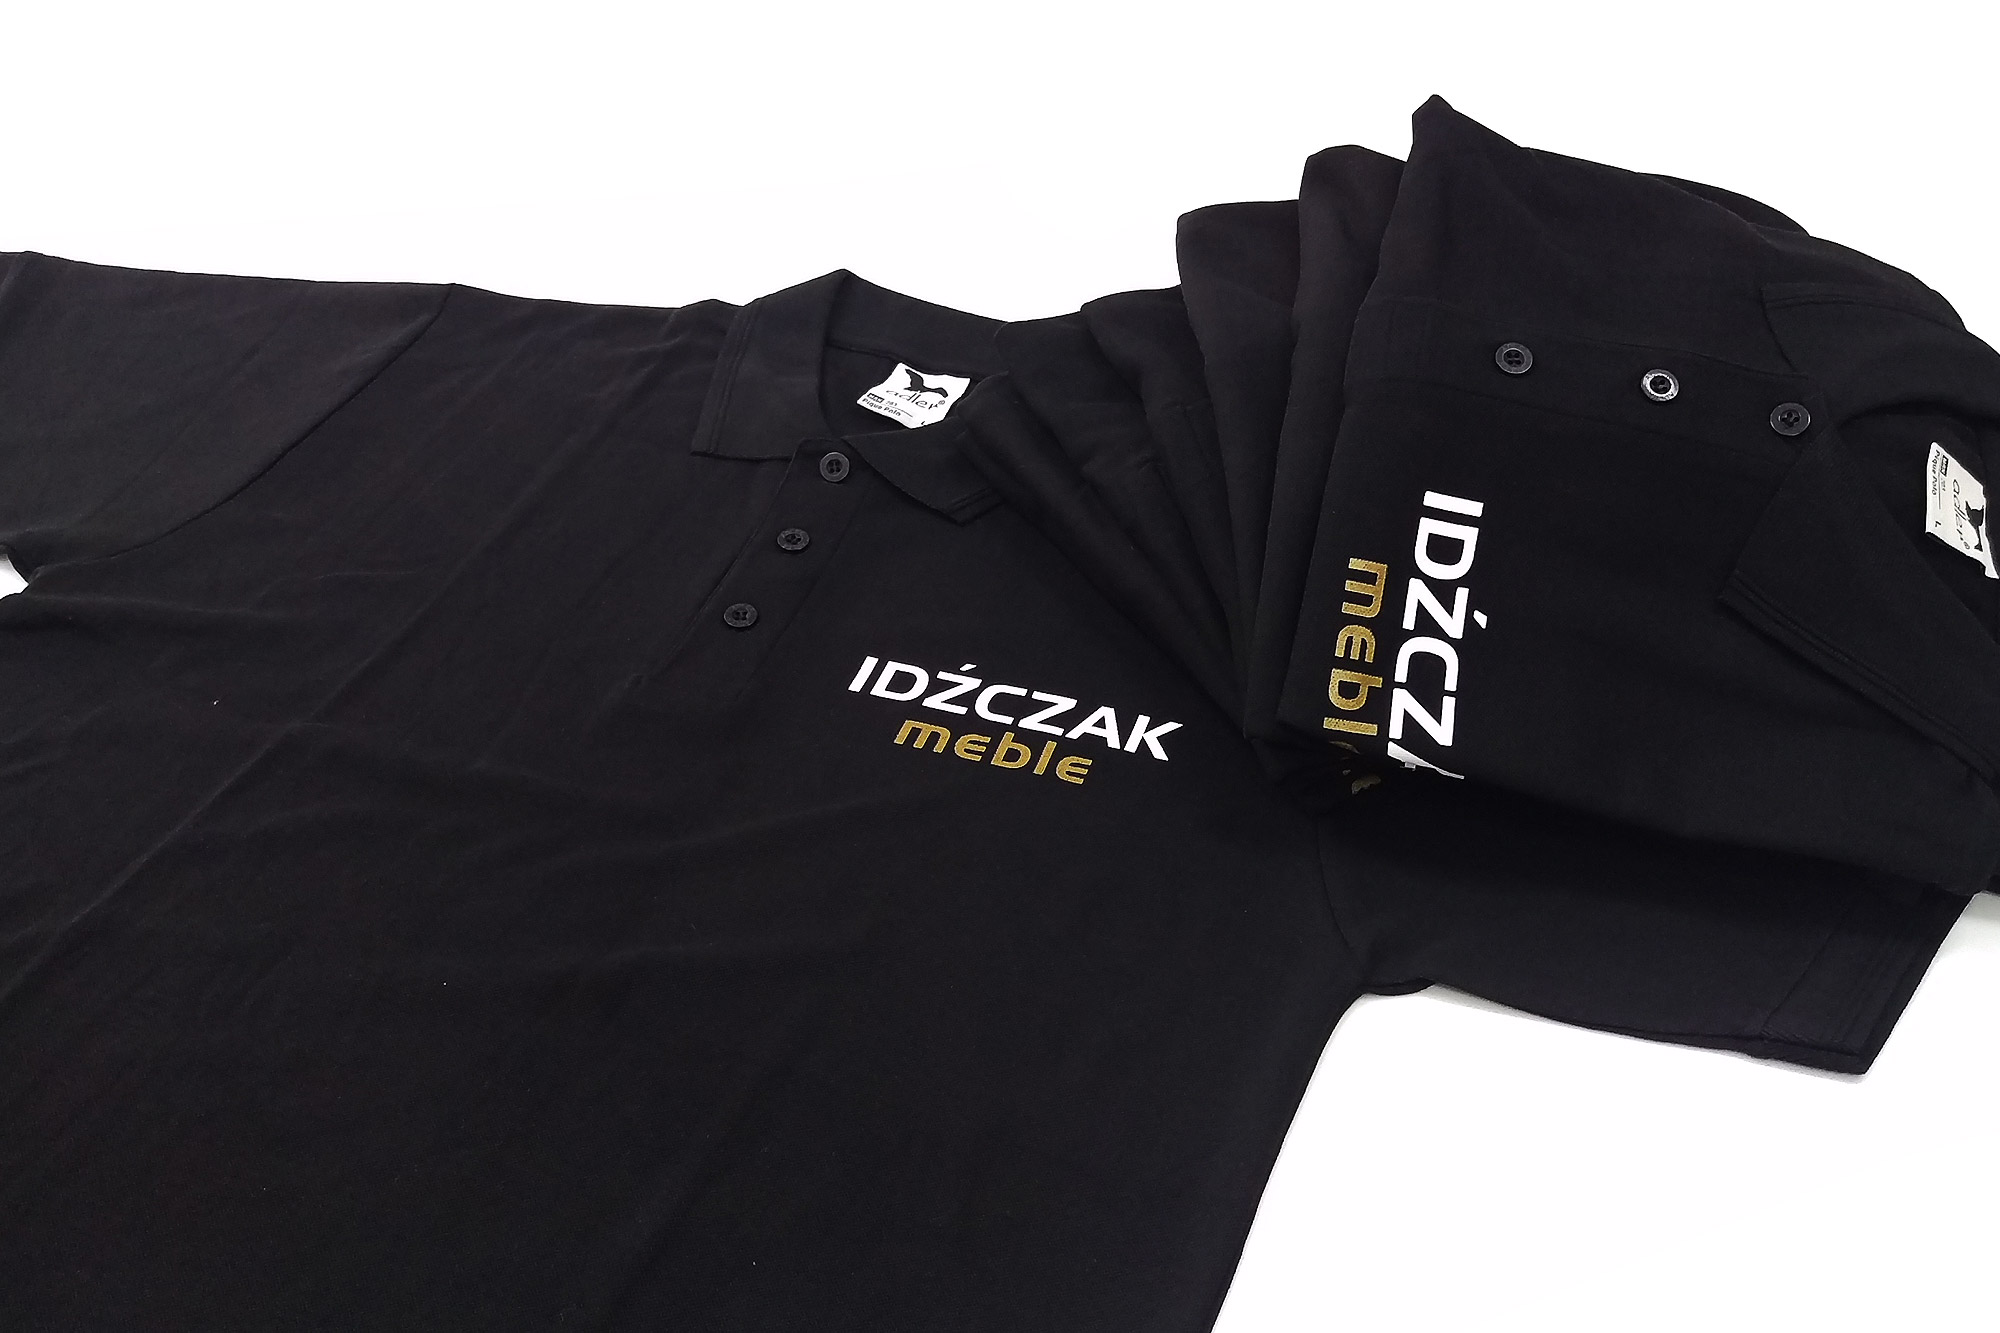 druk na koszulkach firmowych, znakowanie odzieży firmowej, folia na koszulki, napisy na koszulach, druk koszulek, zadrukowanie koszulki